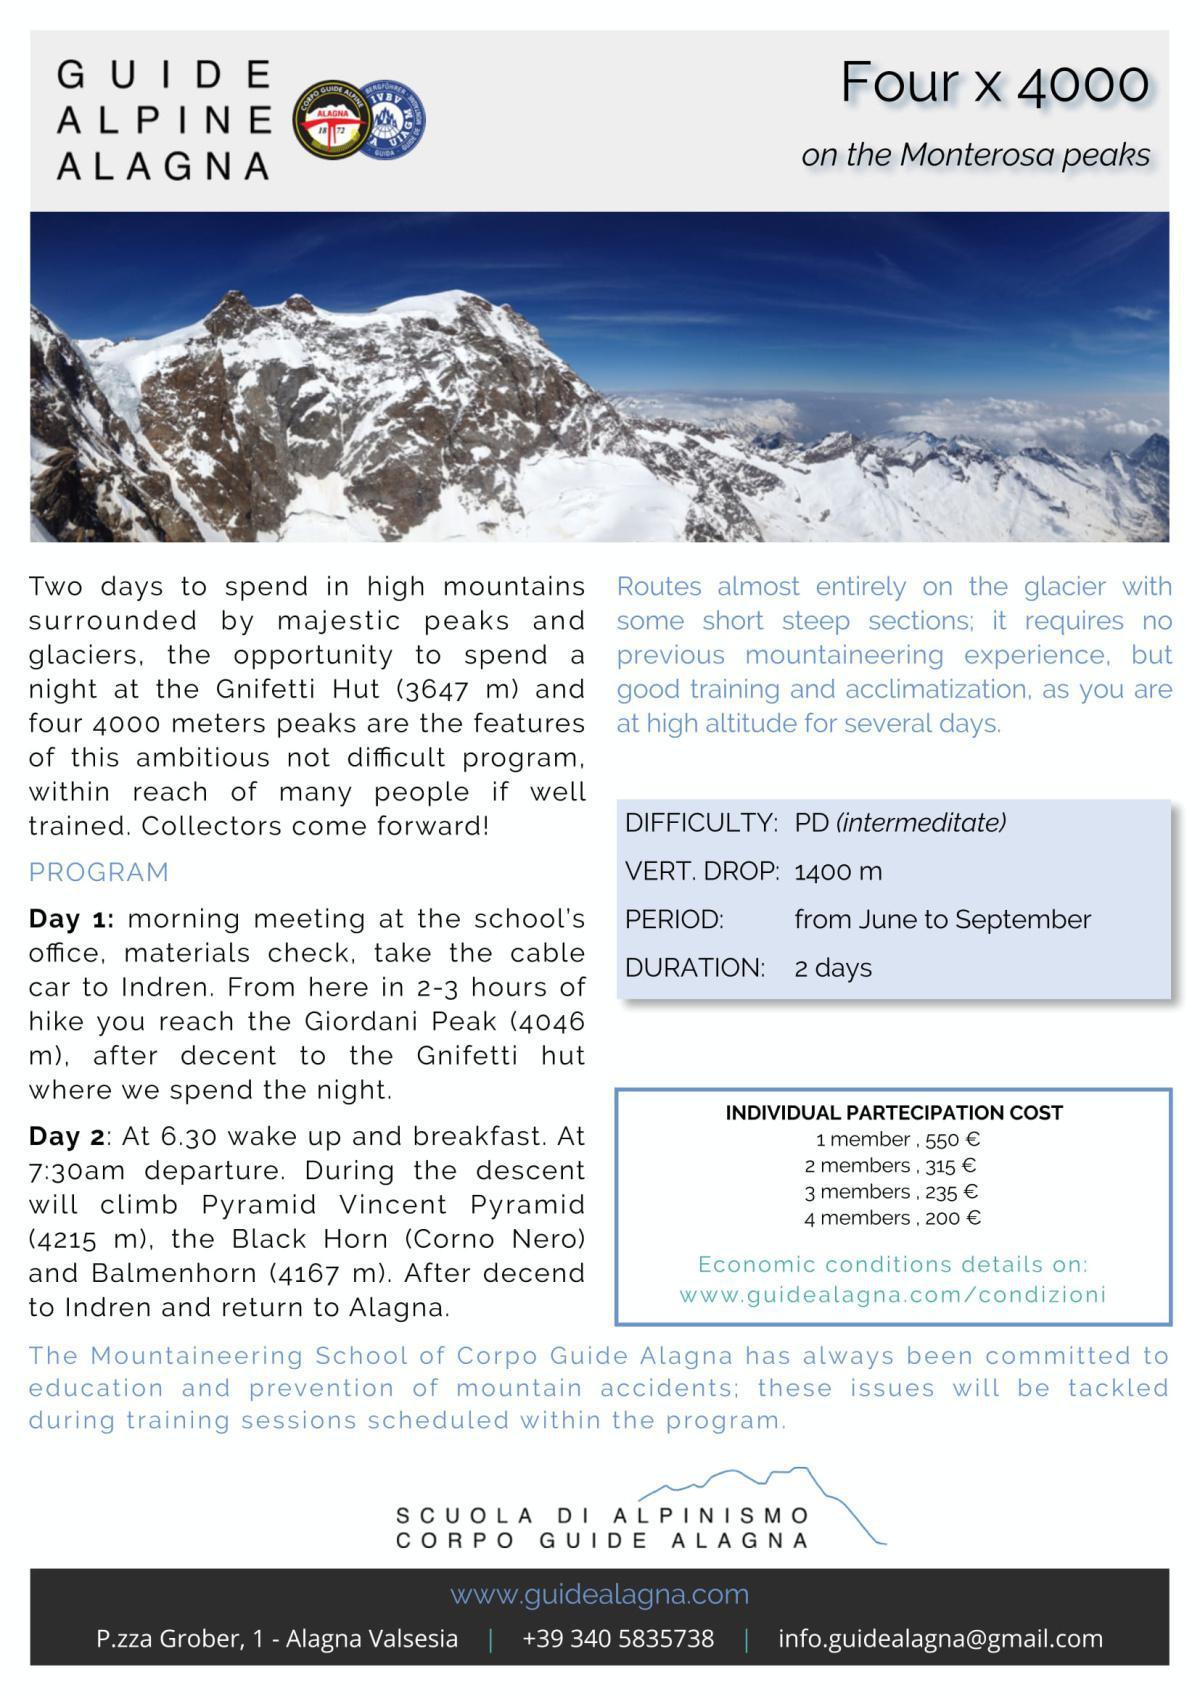 Quattro x 4000 - Guide Alpine Alagna